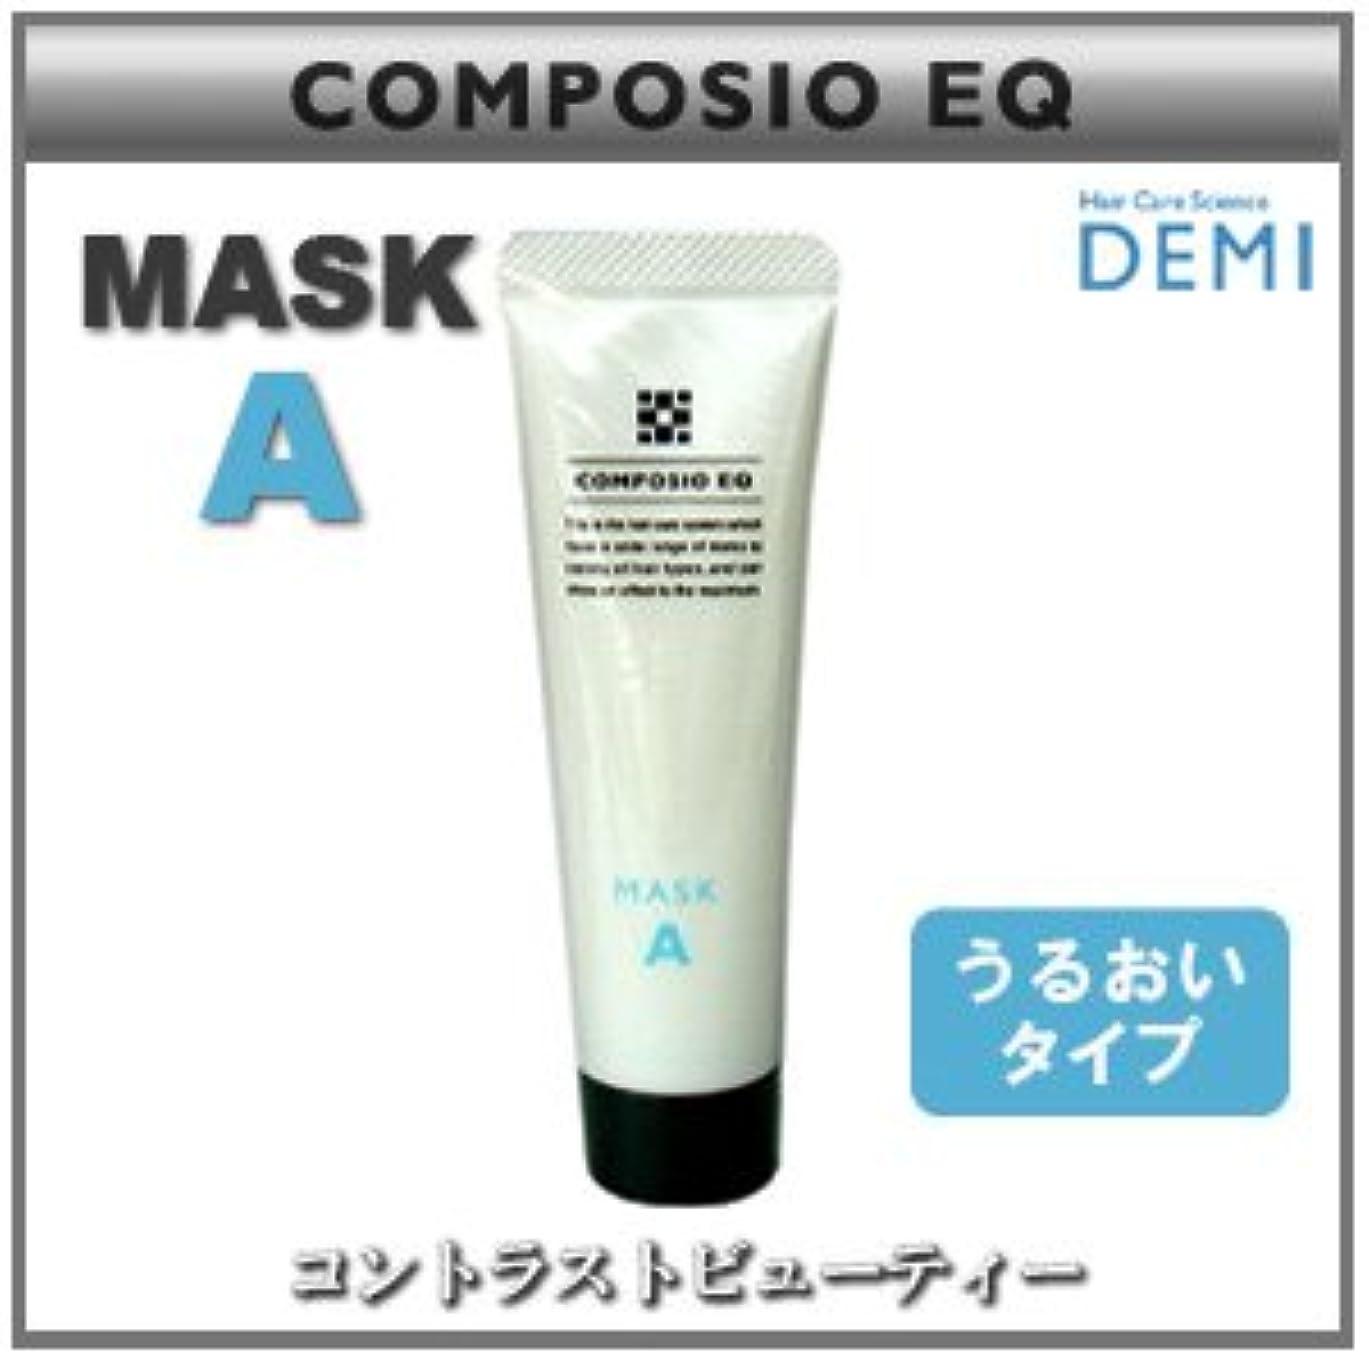 記念デッド定期的に【X2個セット】 デミ コンポジオ EQ マスク A 50g